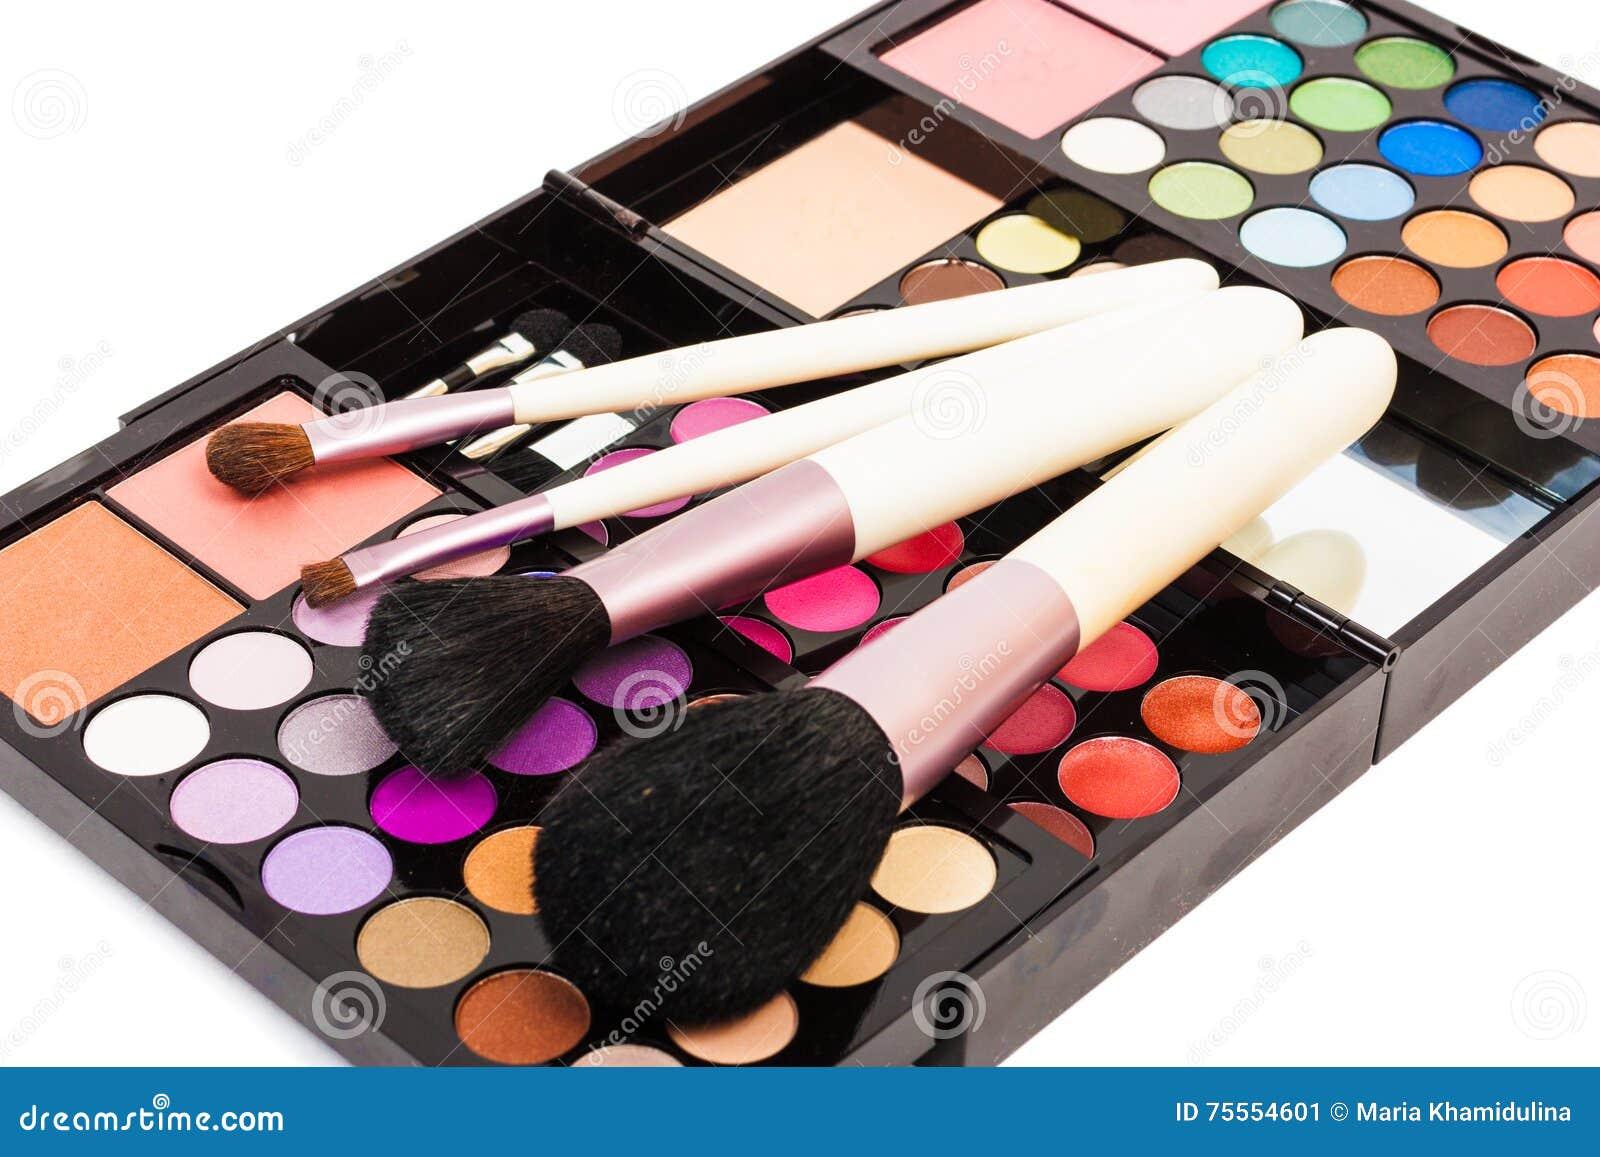 Professional set for make-up.